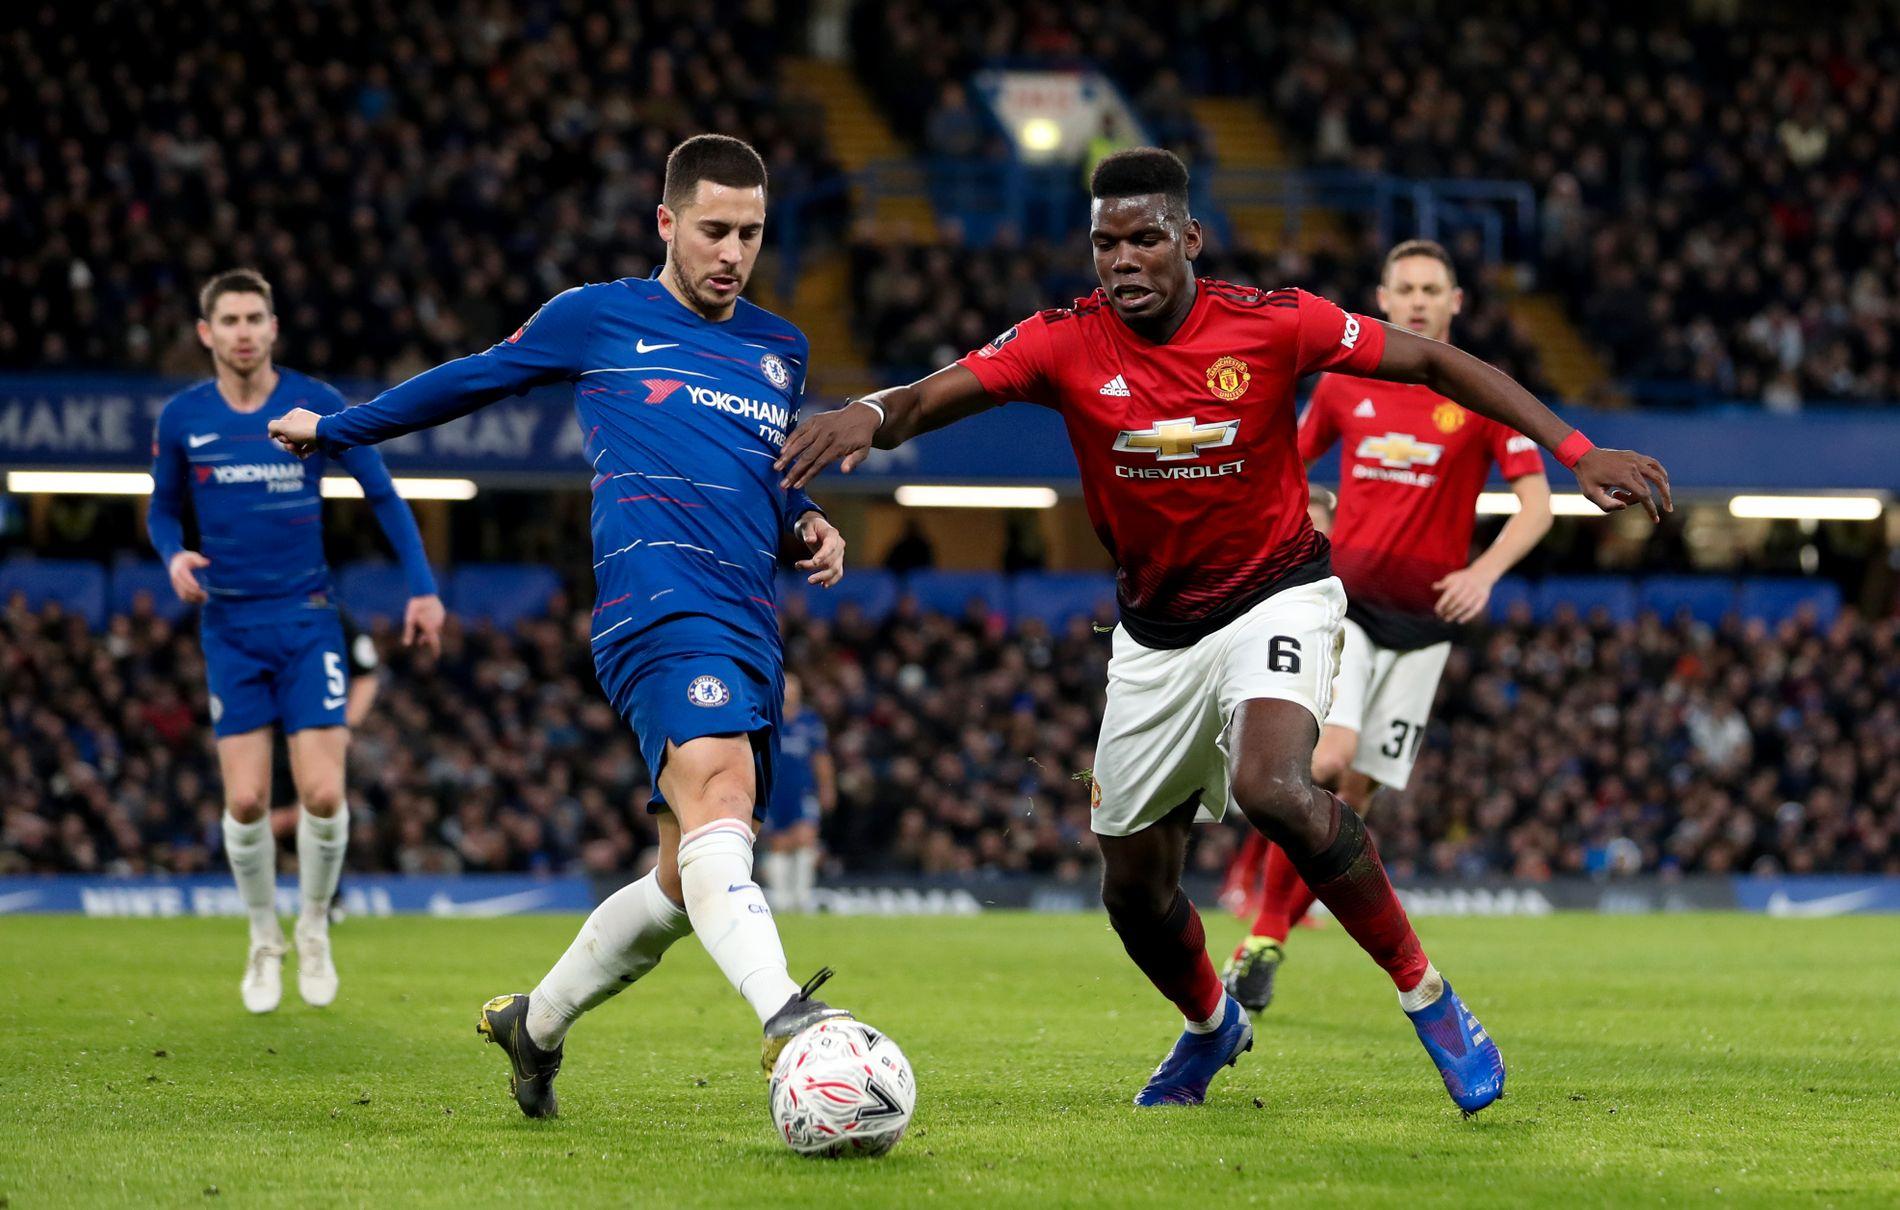 Mens Eden Hazard ble vraket da spillerne kåret det de mener er «Årets lag», ble det funnet plass til Paul Pogba. Det vekker reaksjoner.